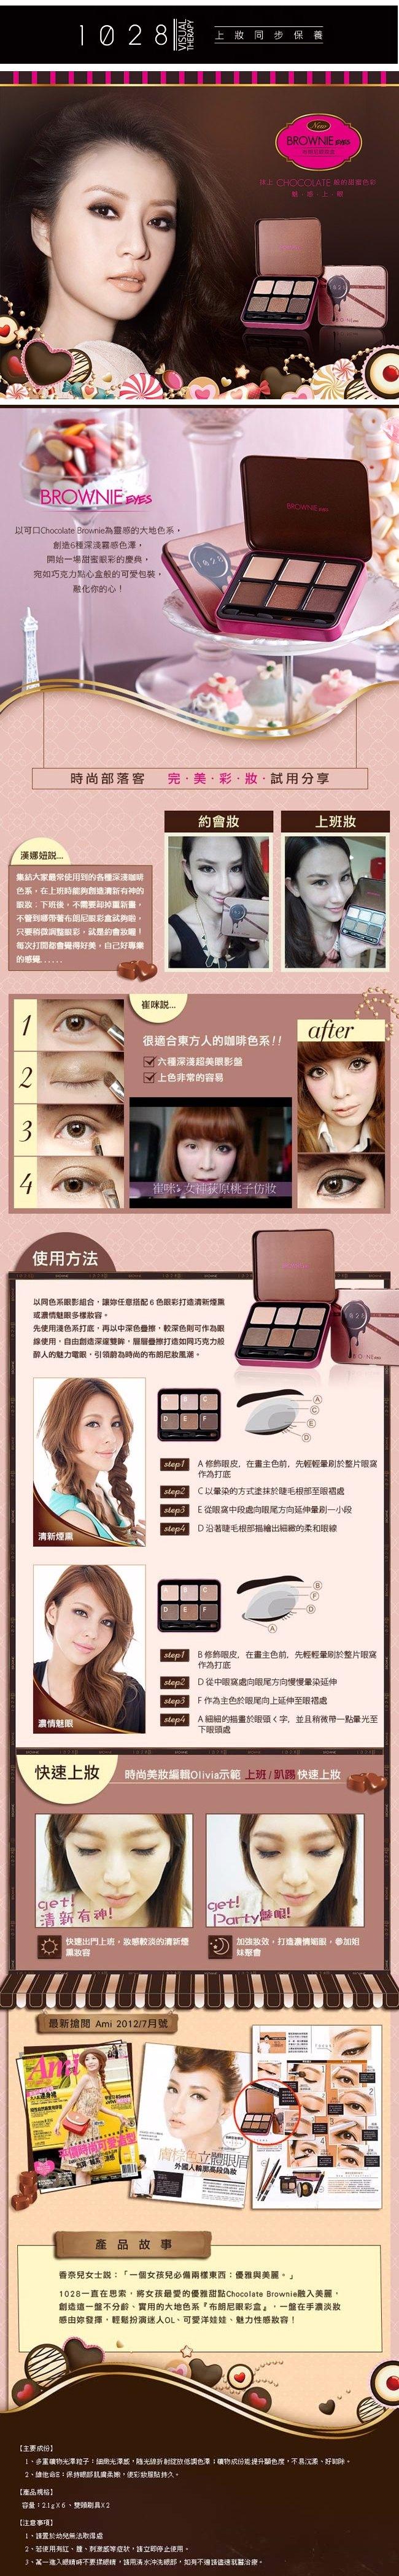 1028-visual-therapy-brownie-eyeshadow-kit.jpg